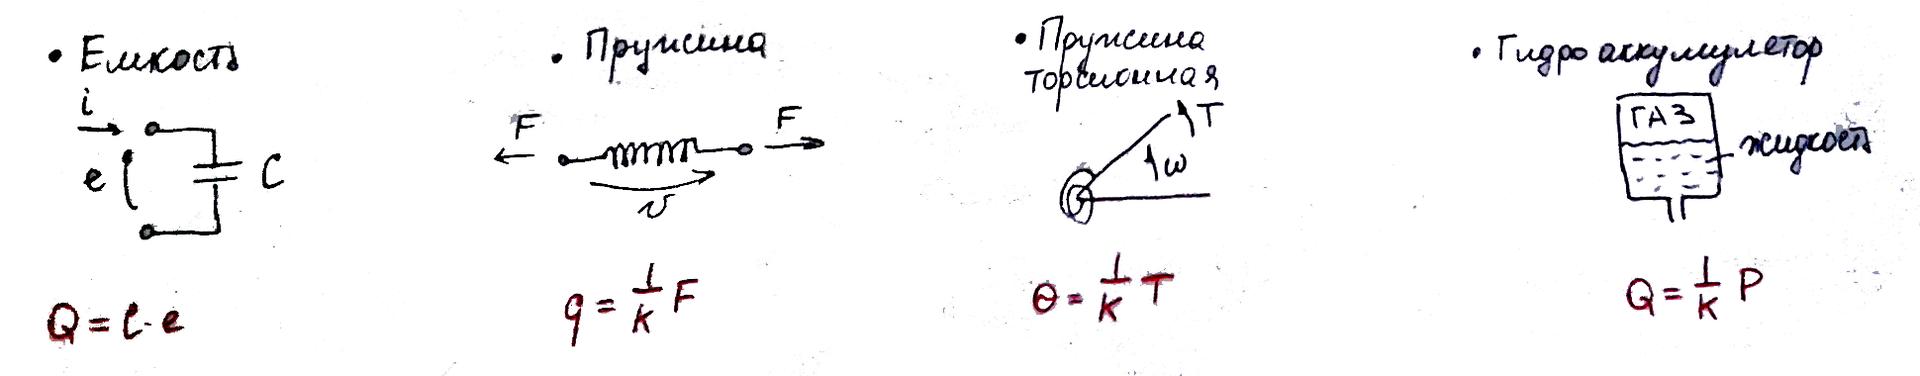 Моделирование динамических систем (метод Лагранжа и Bond graph approach) - 32